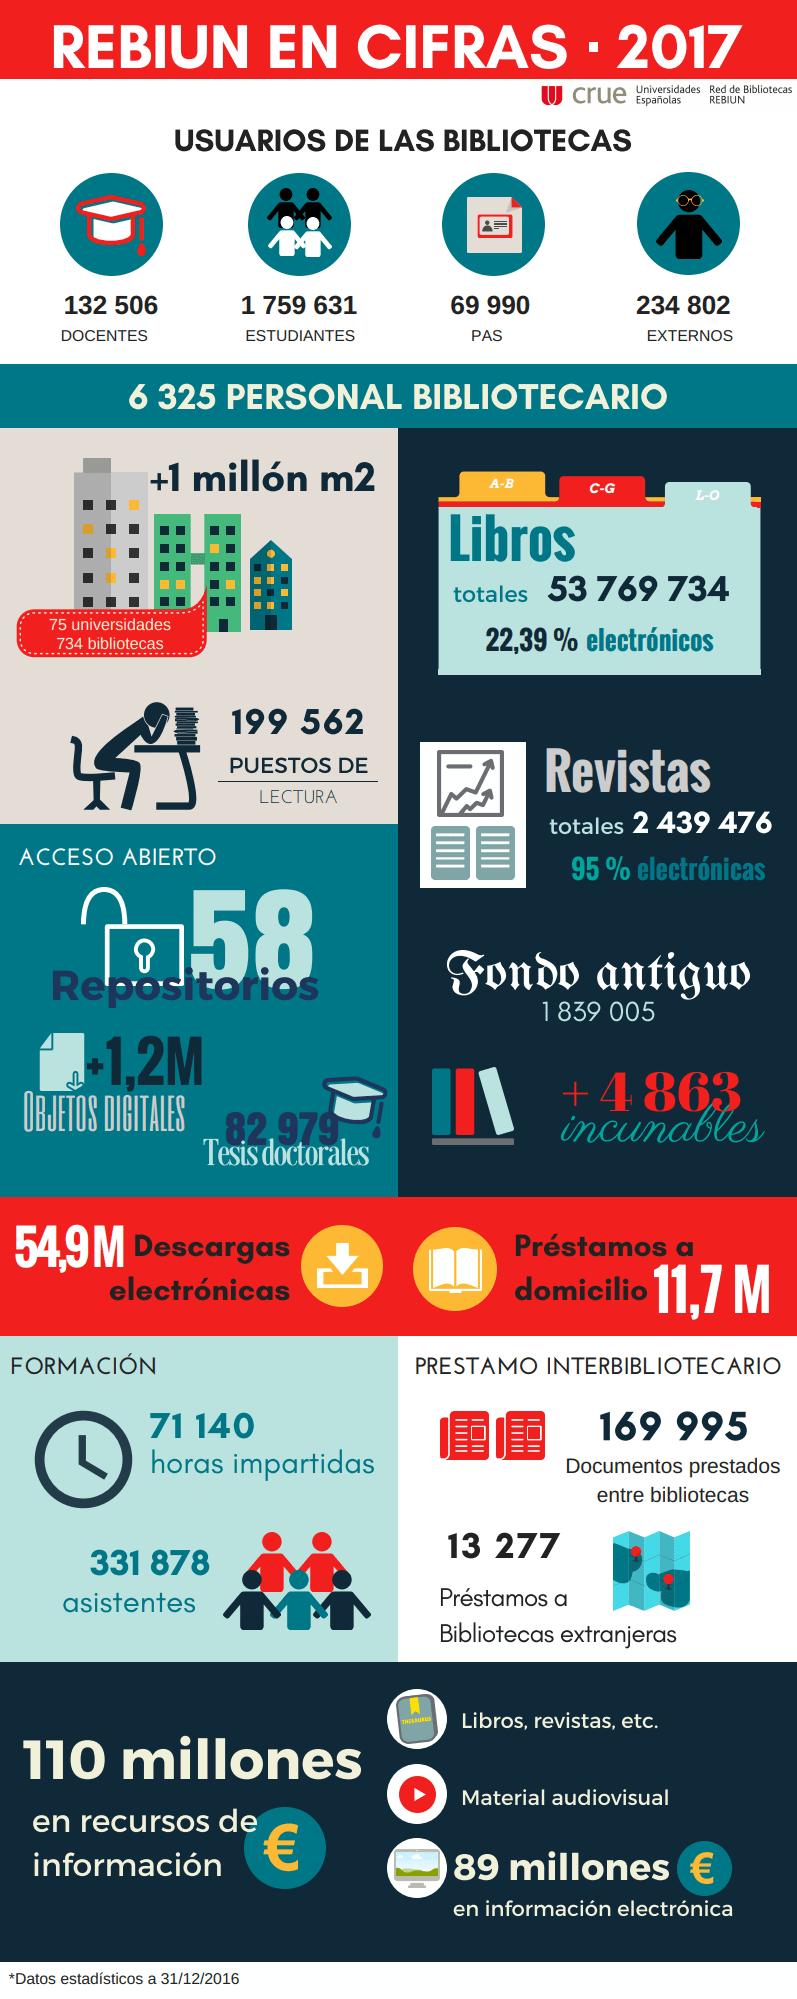 REBIUN en cifras - 2017